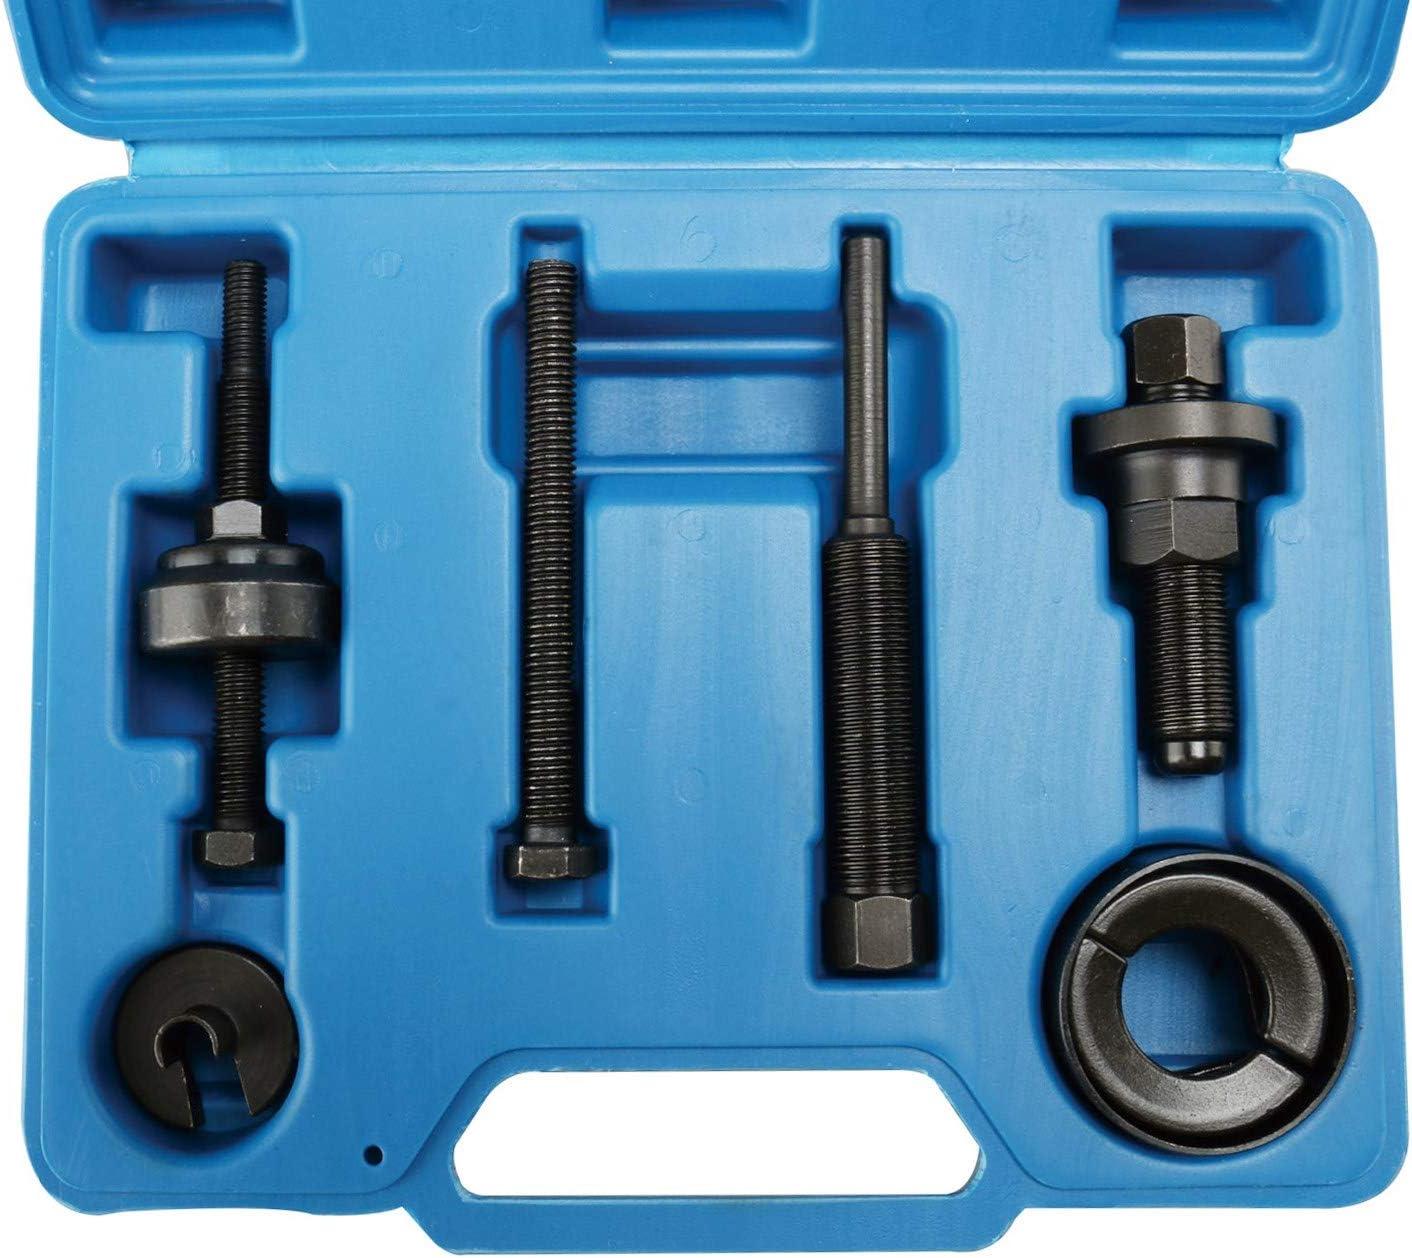 FreeTec 6 St/ück Riemenscheibenabzieher Set mit Kugellagerabzieher Installationswerkzeug Set Kompatibel mit Ford GM